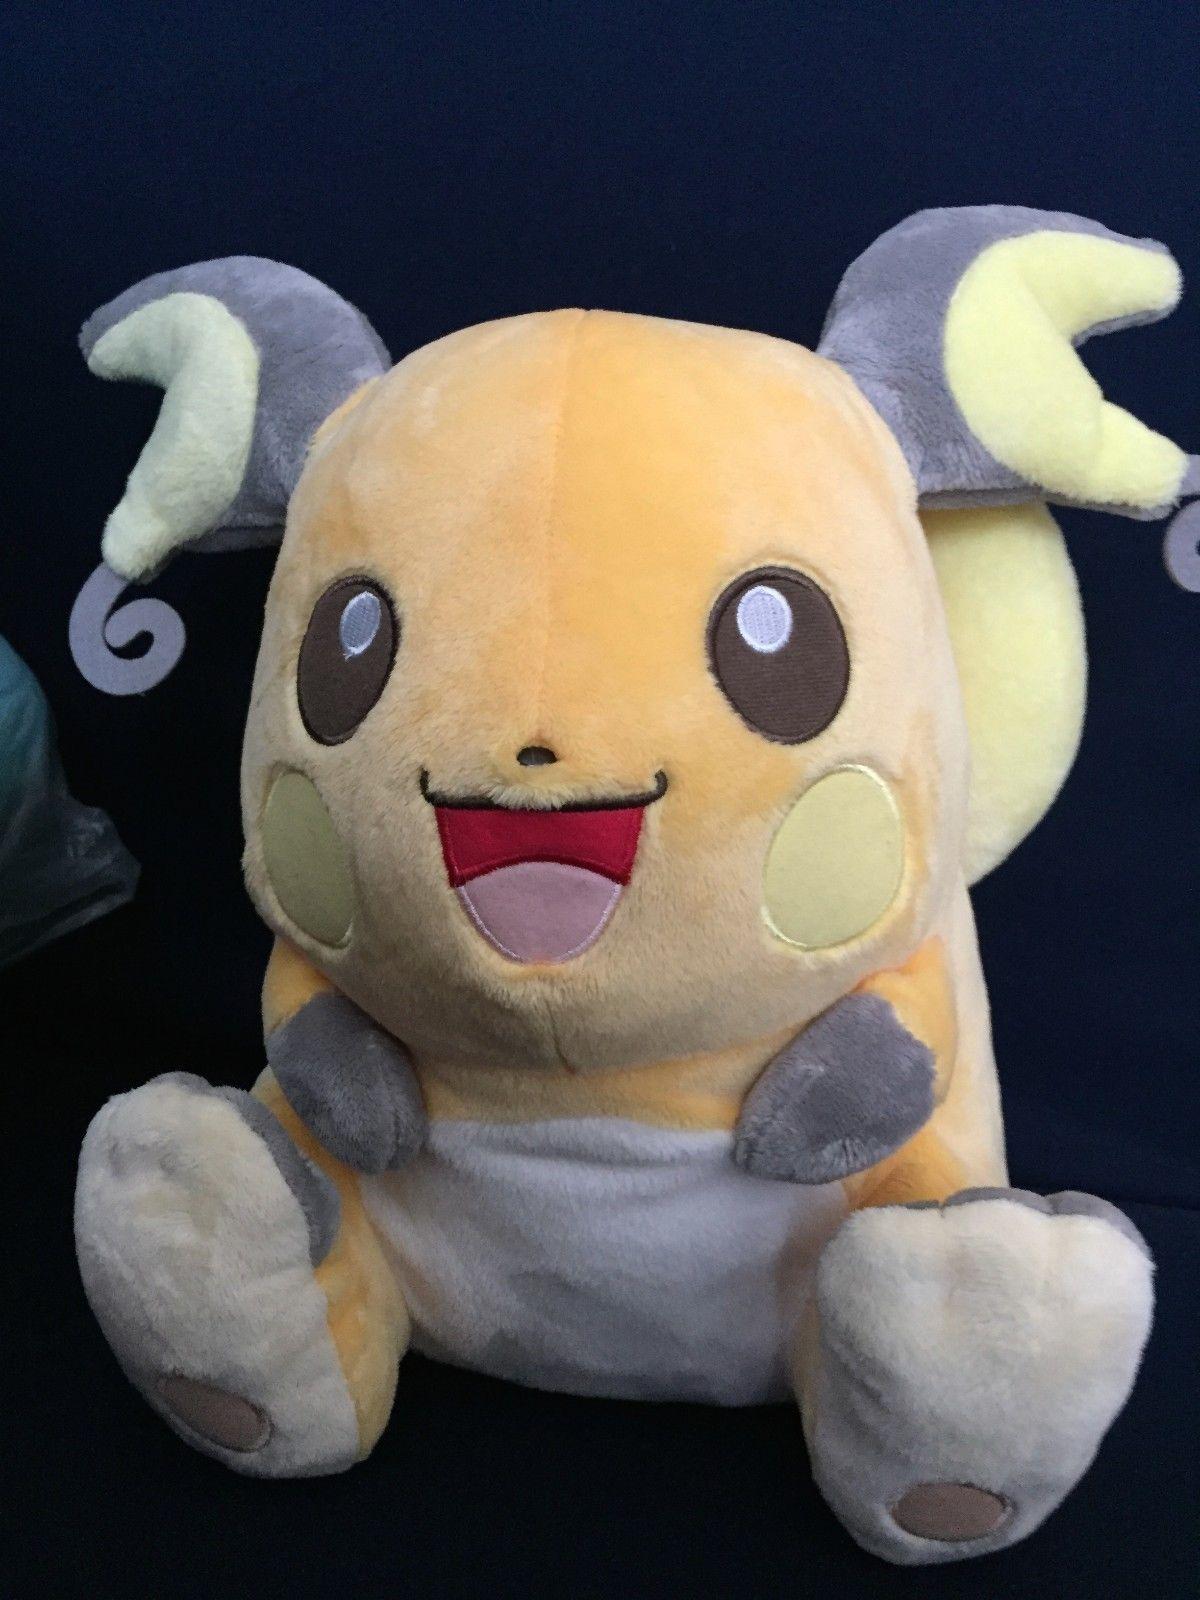 Banpresto HQ Raichu Plush I Love Pikachu Pokemon Plush